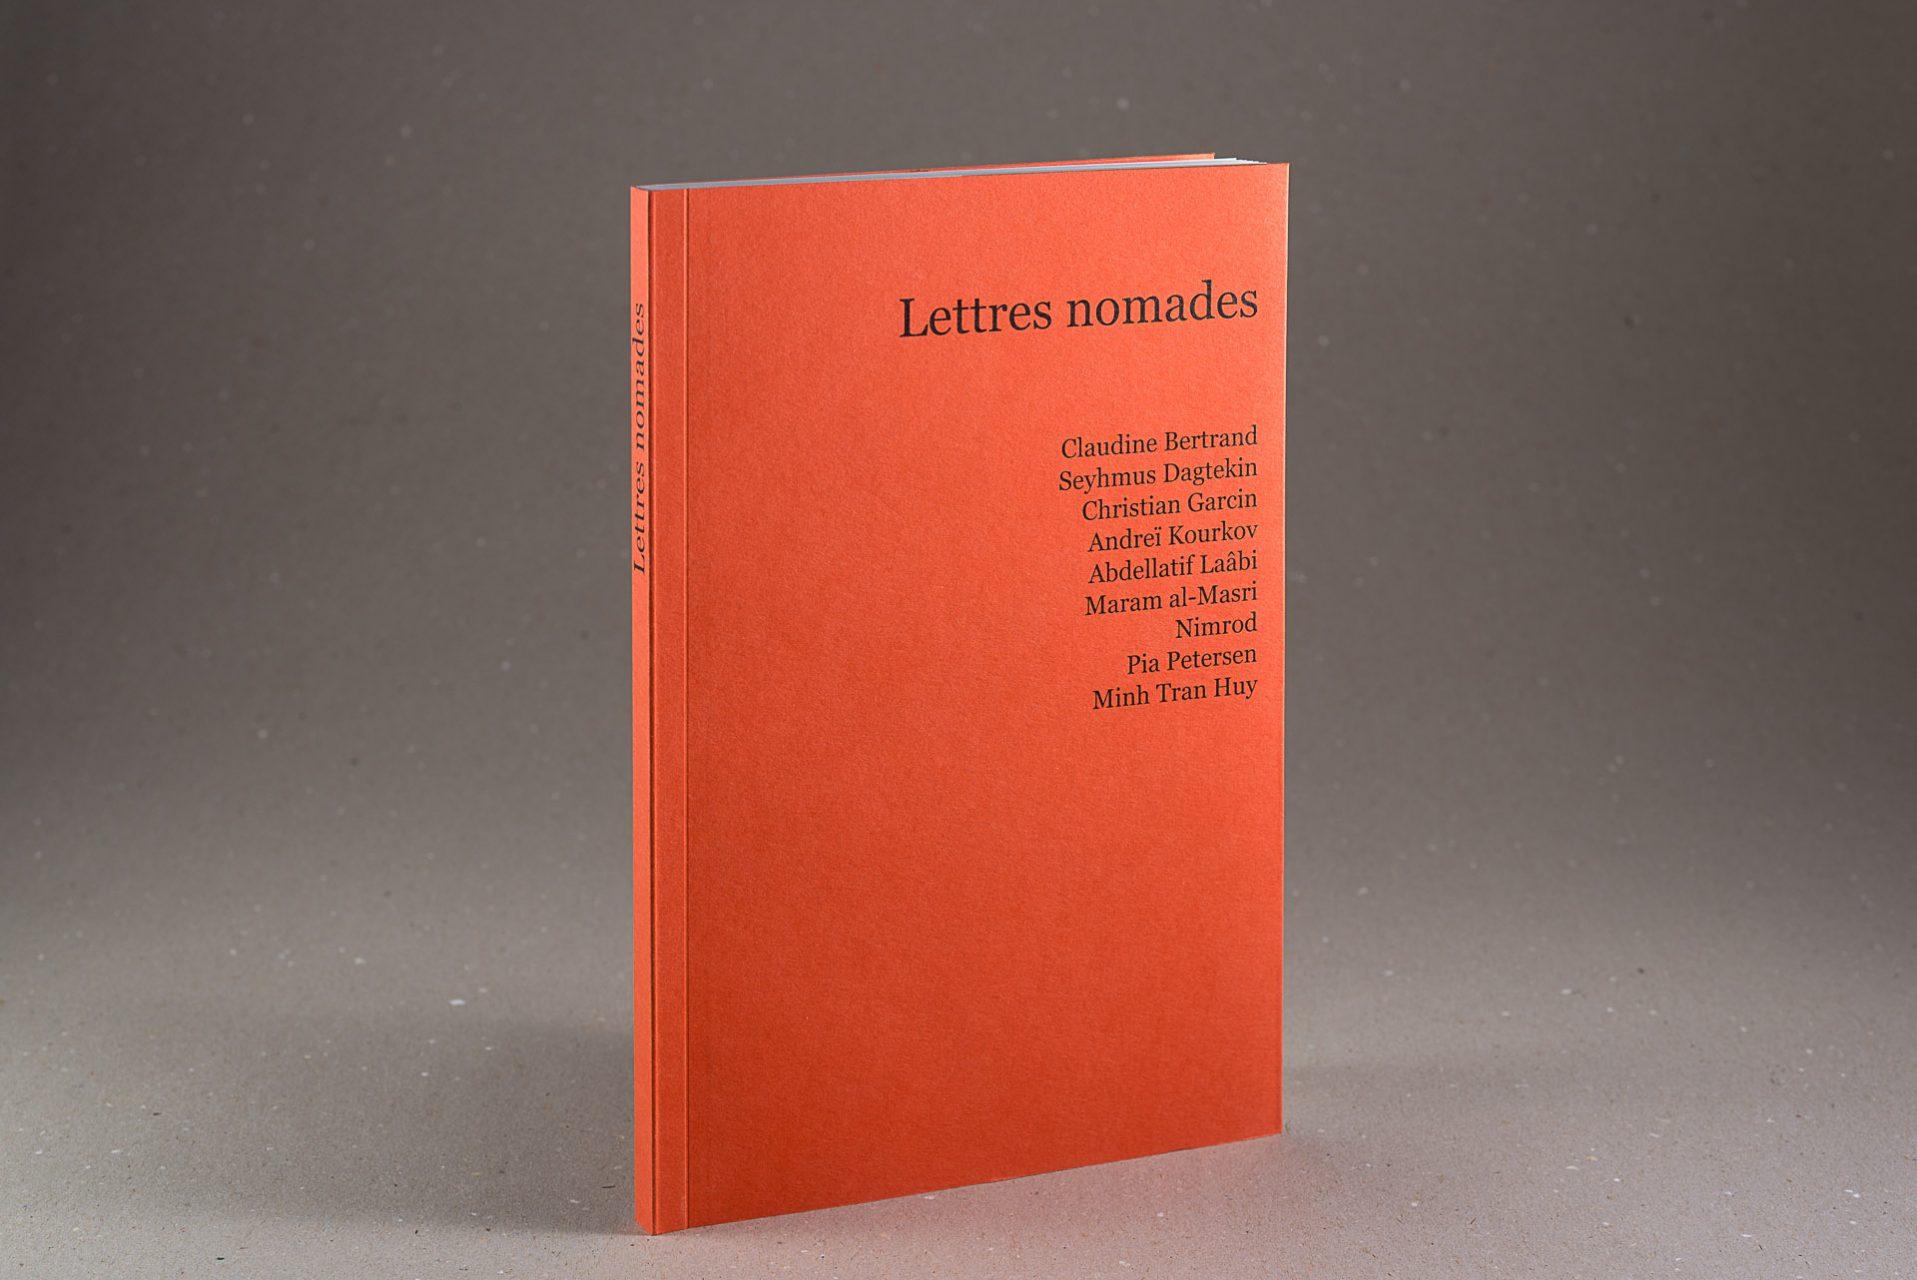 web-hd-nuit-myrtide-lettres-nomades-20170307-01